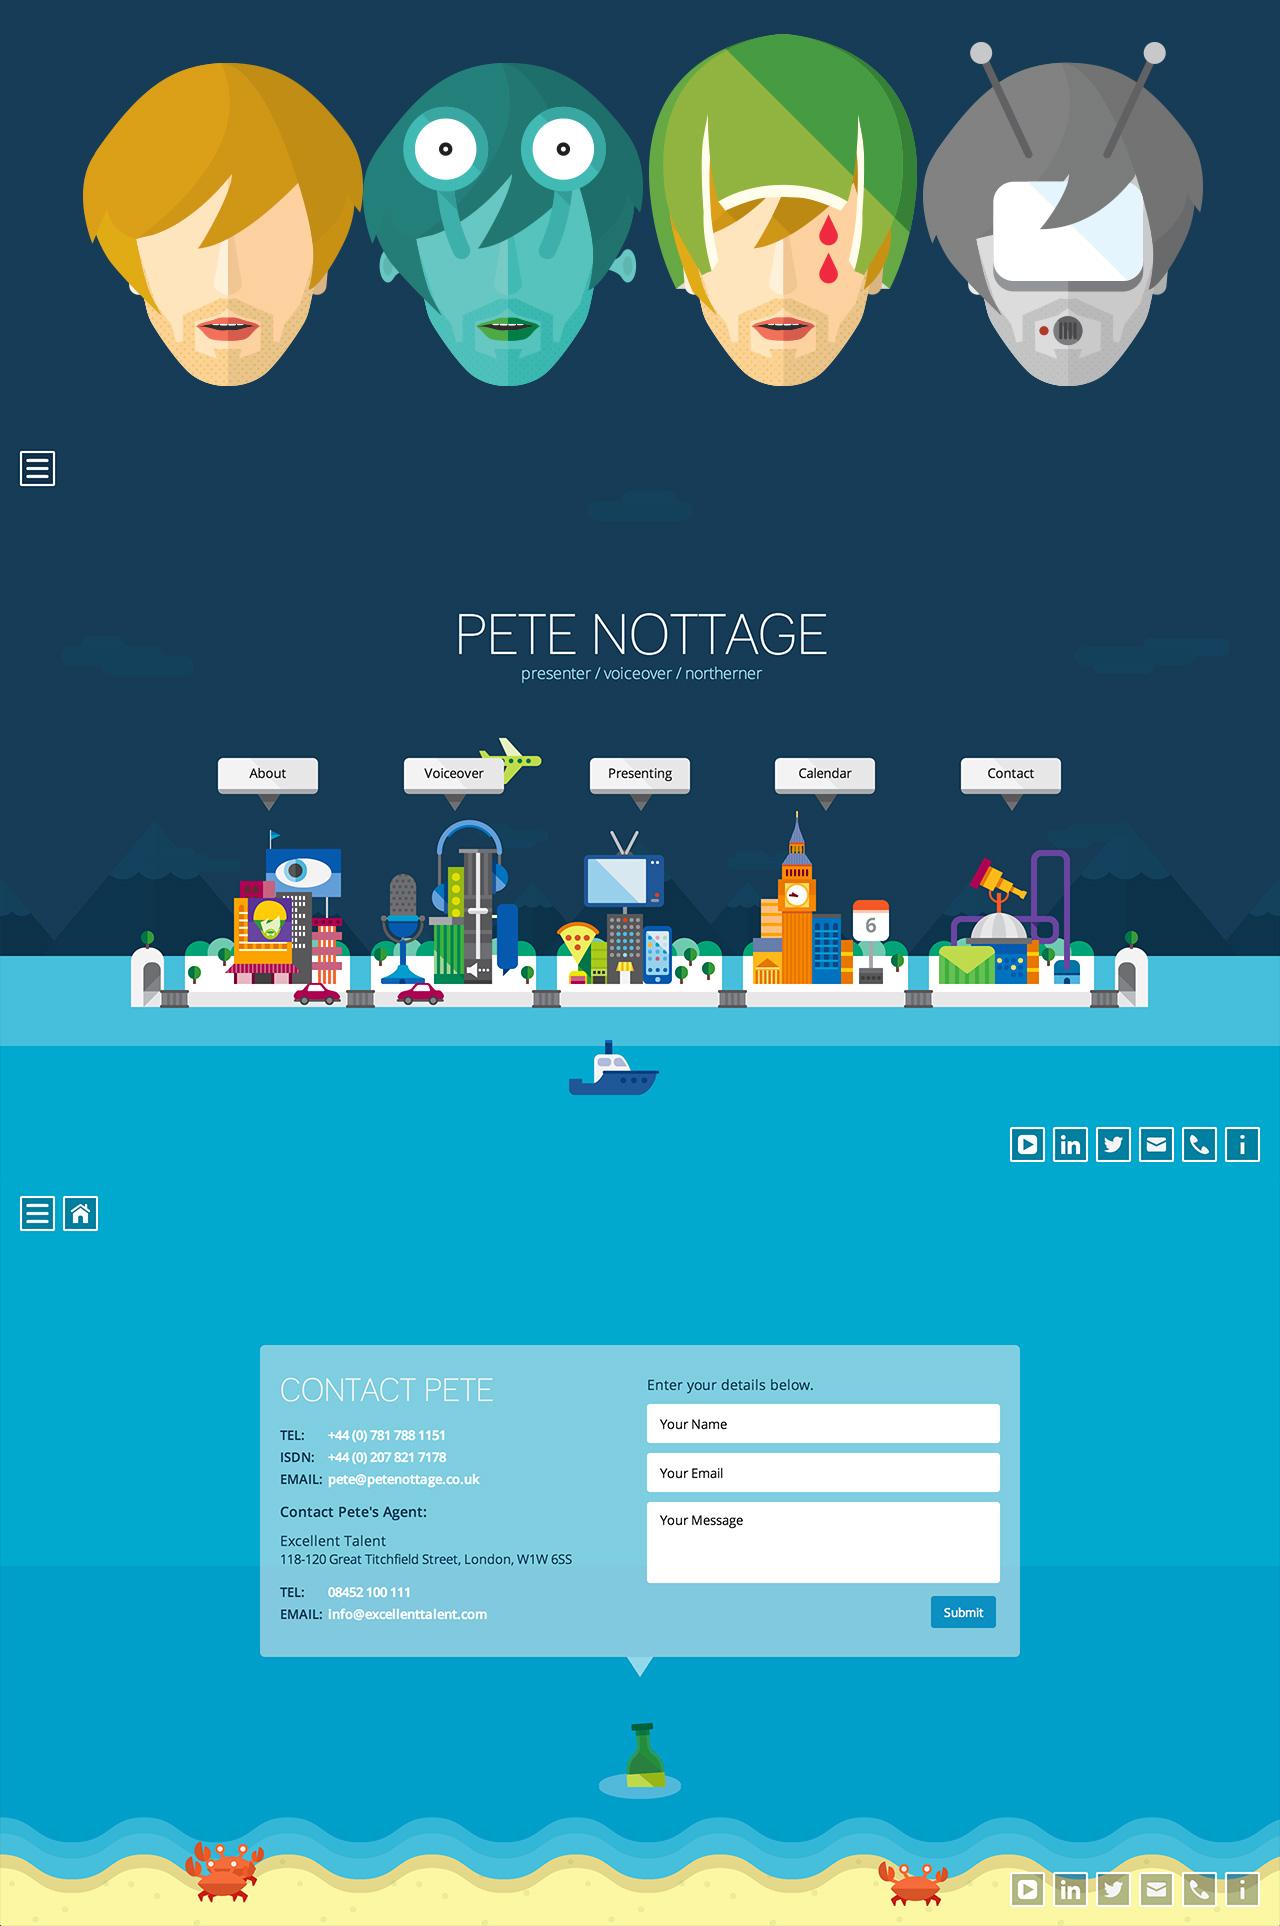 Pete Nottage Website Screenshot